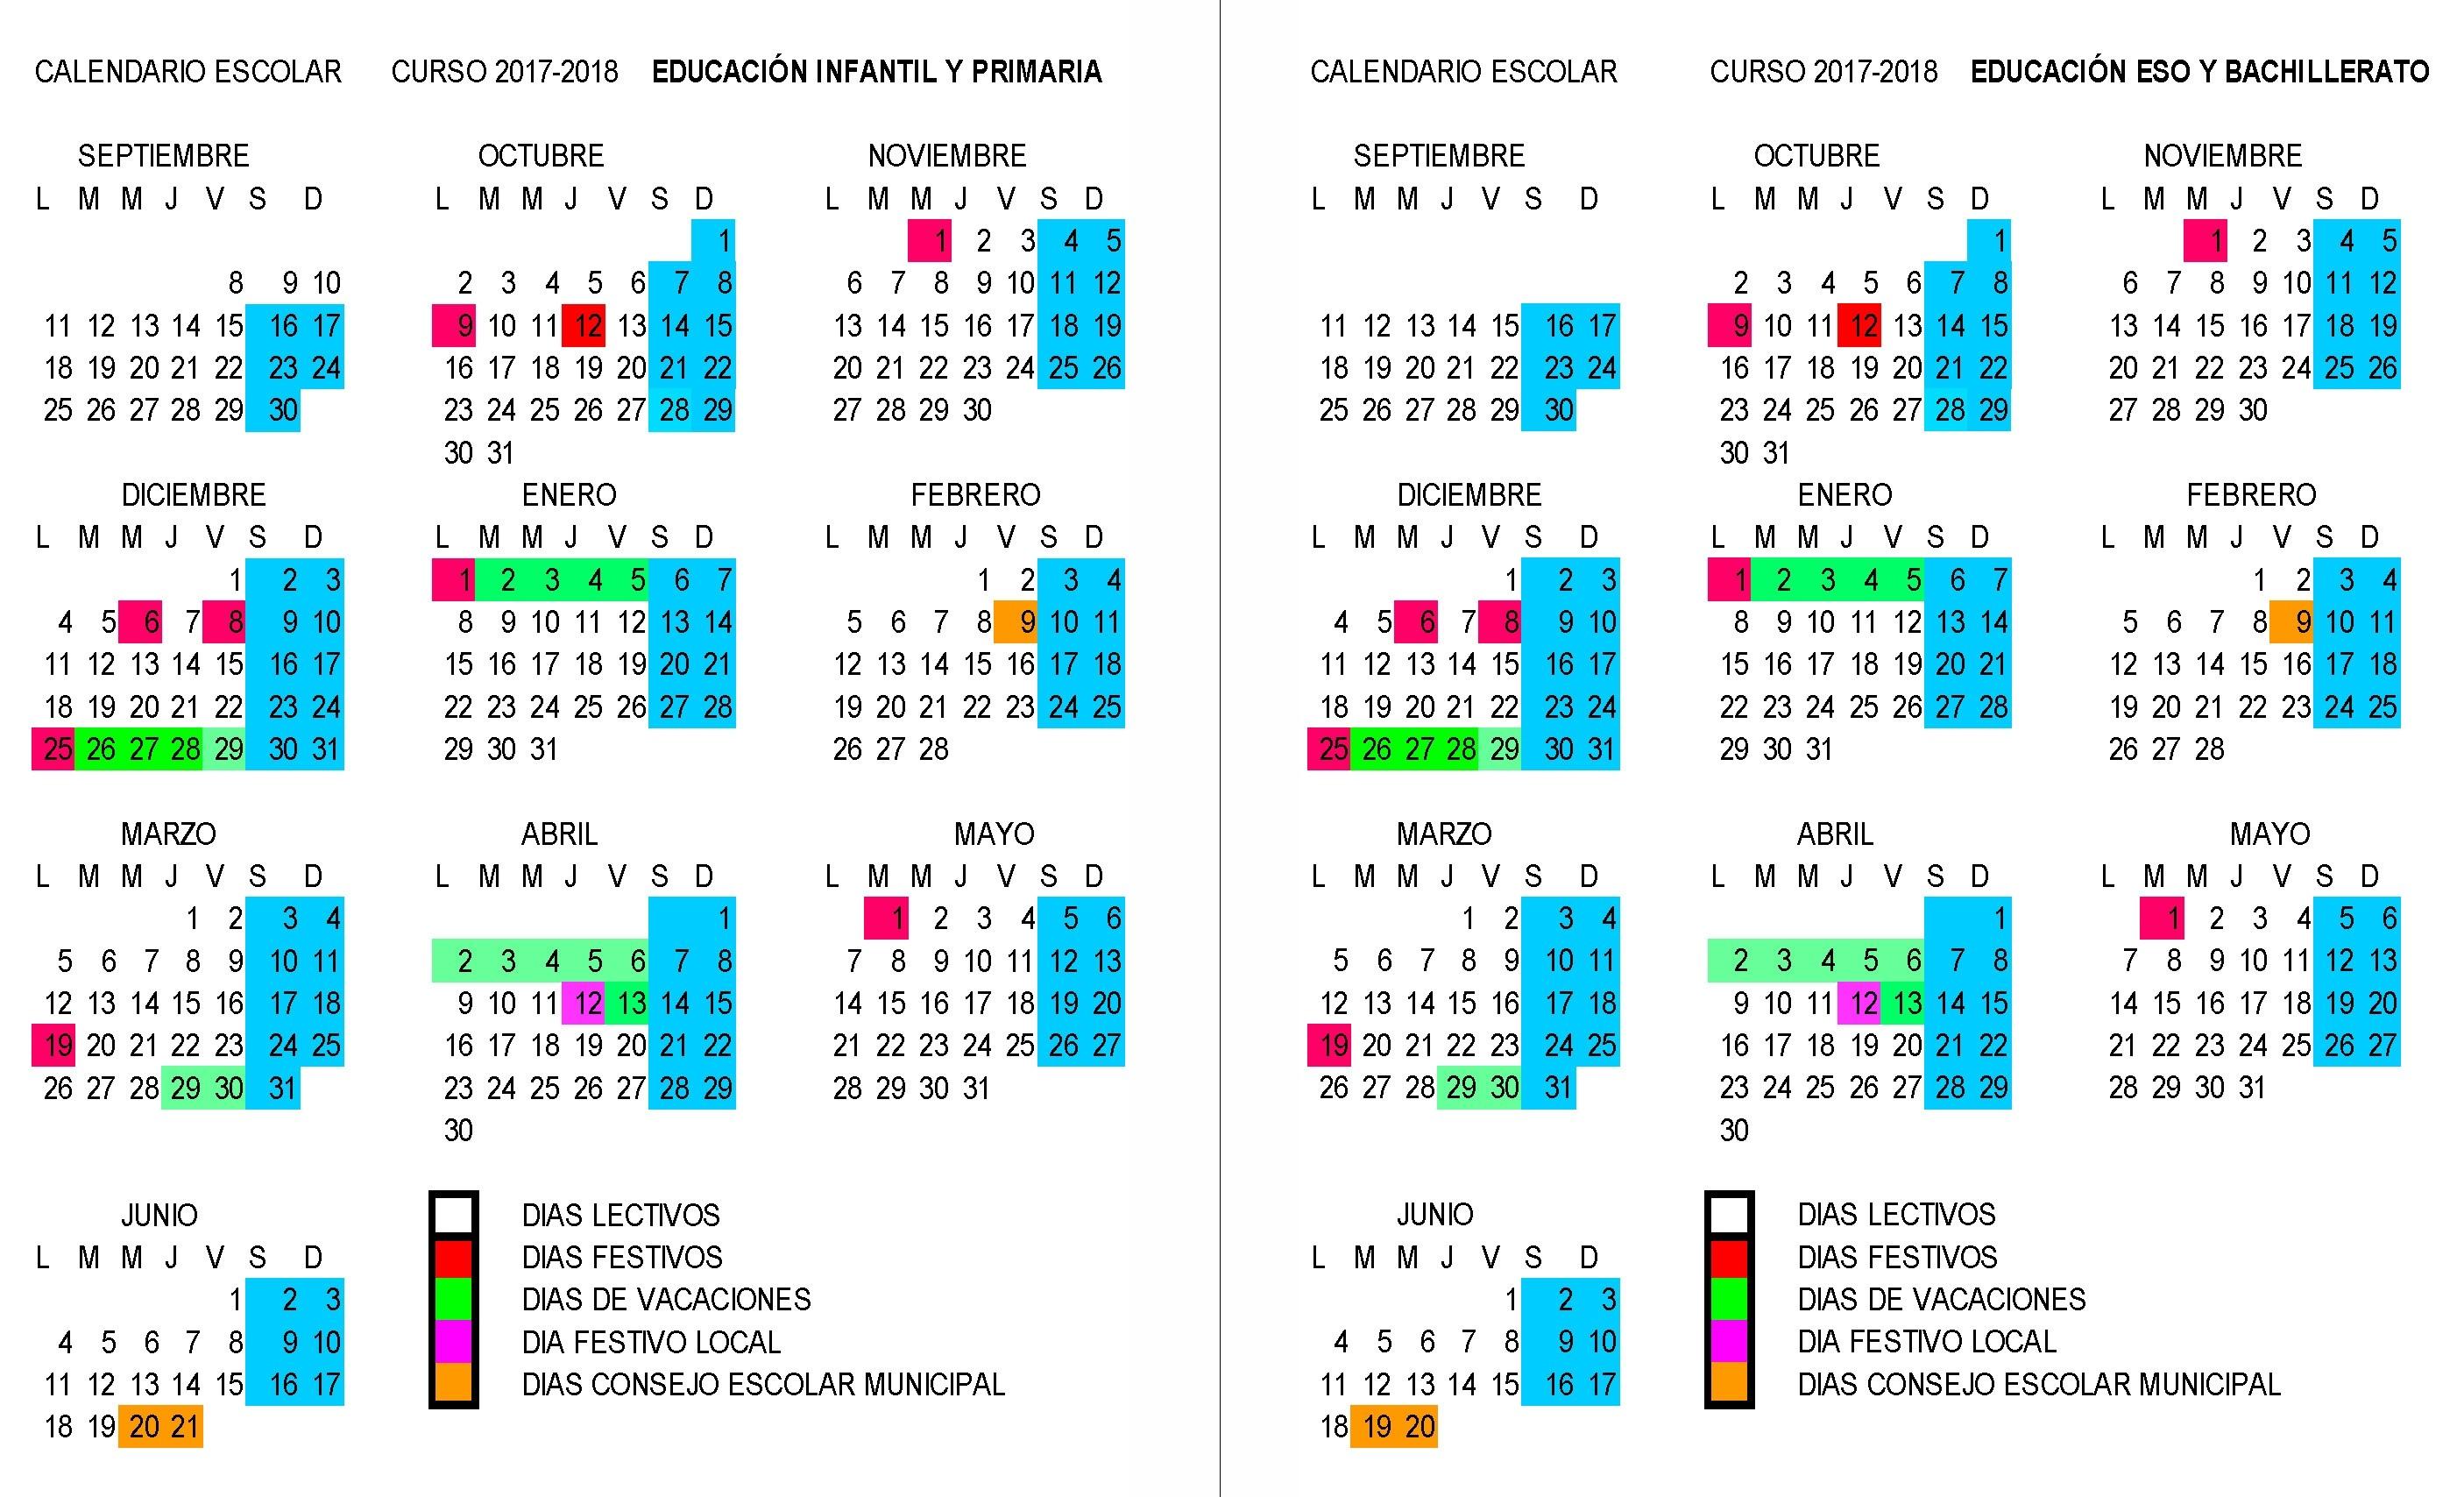 Calendario Escolar 2018 Y 2019 Sep Pdf Recientes Calendario Laboral 2019 Gva Seonegativo Of Calendario Escolar 2018 Y 2019 Sep Pdf Más Reciente Fresh 44 Ejemplos Calendario De Las 13 Lunas 2019